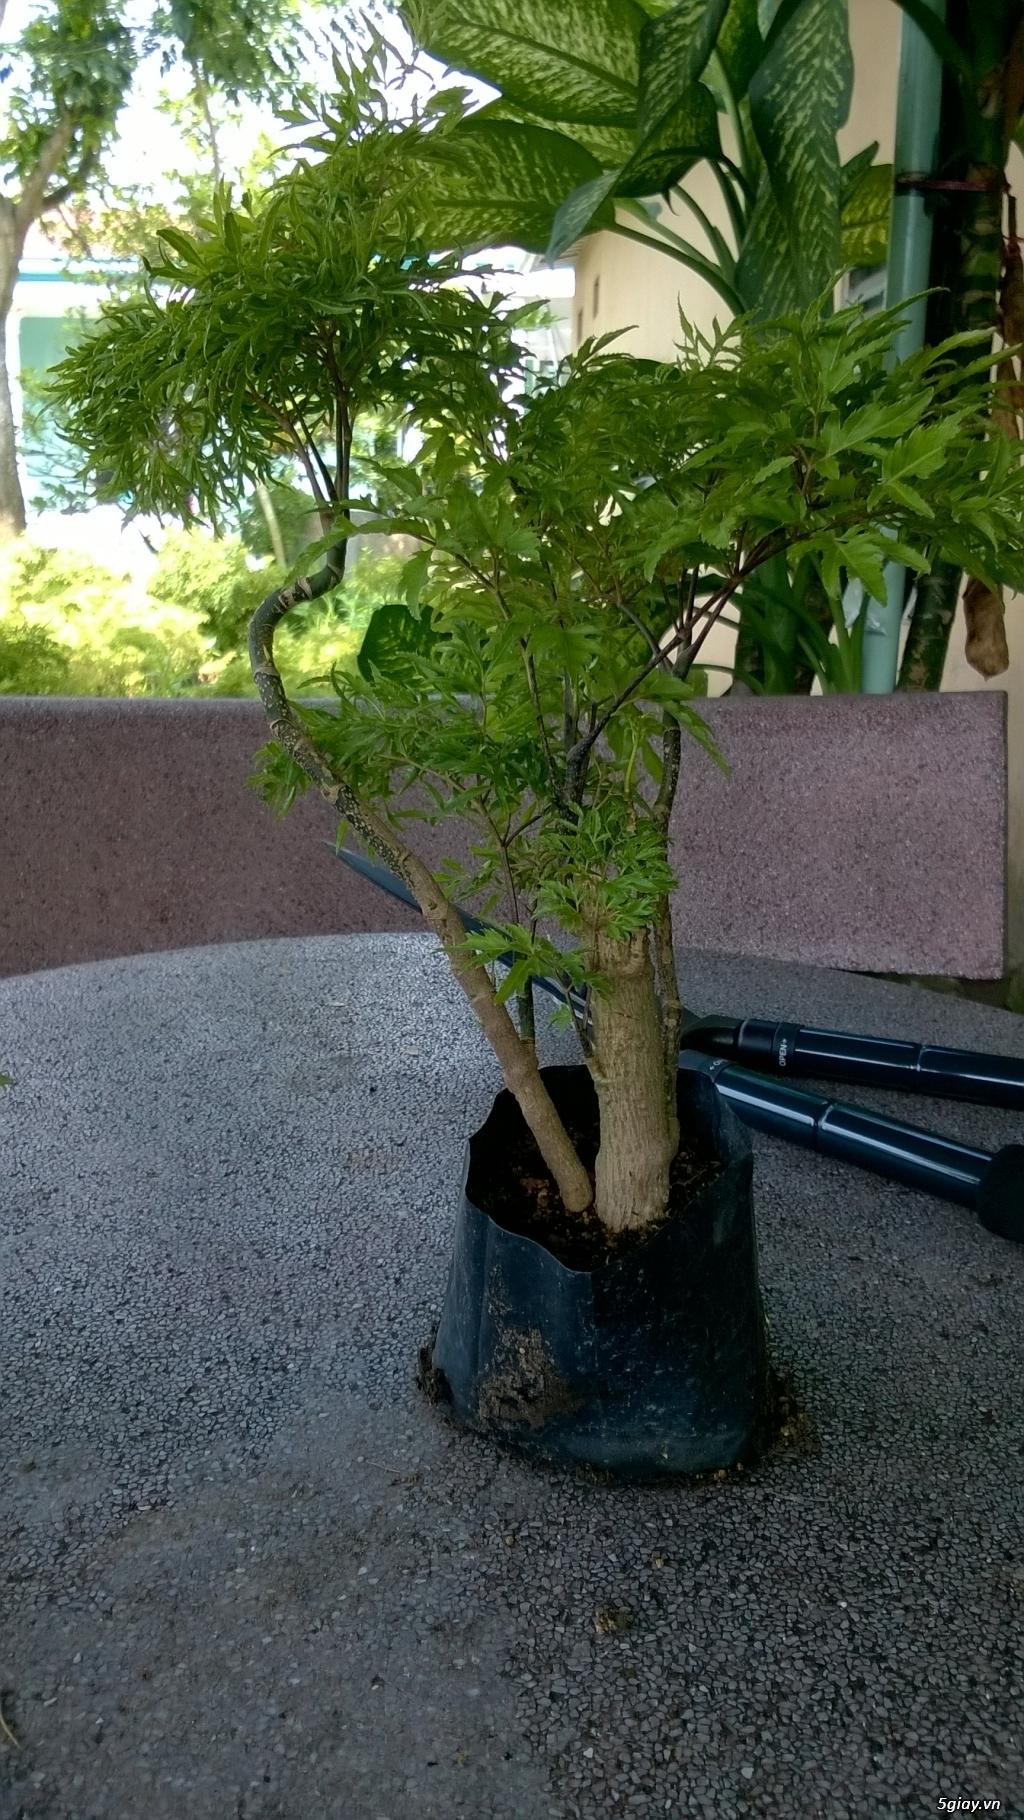 Bán Cây + Rễ Đinh Lăng - Vườn Đinh Lăng Hoàng Linh BR-VT - 4